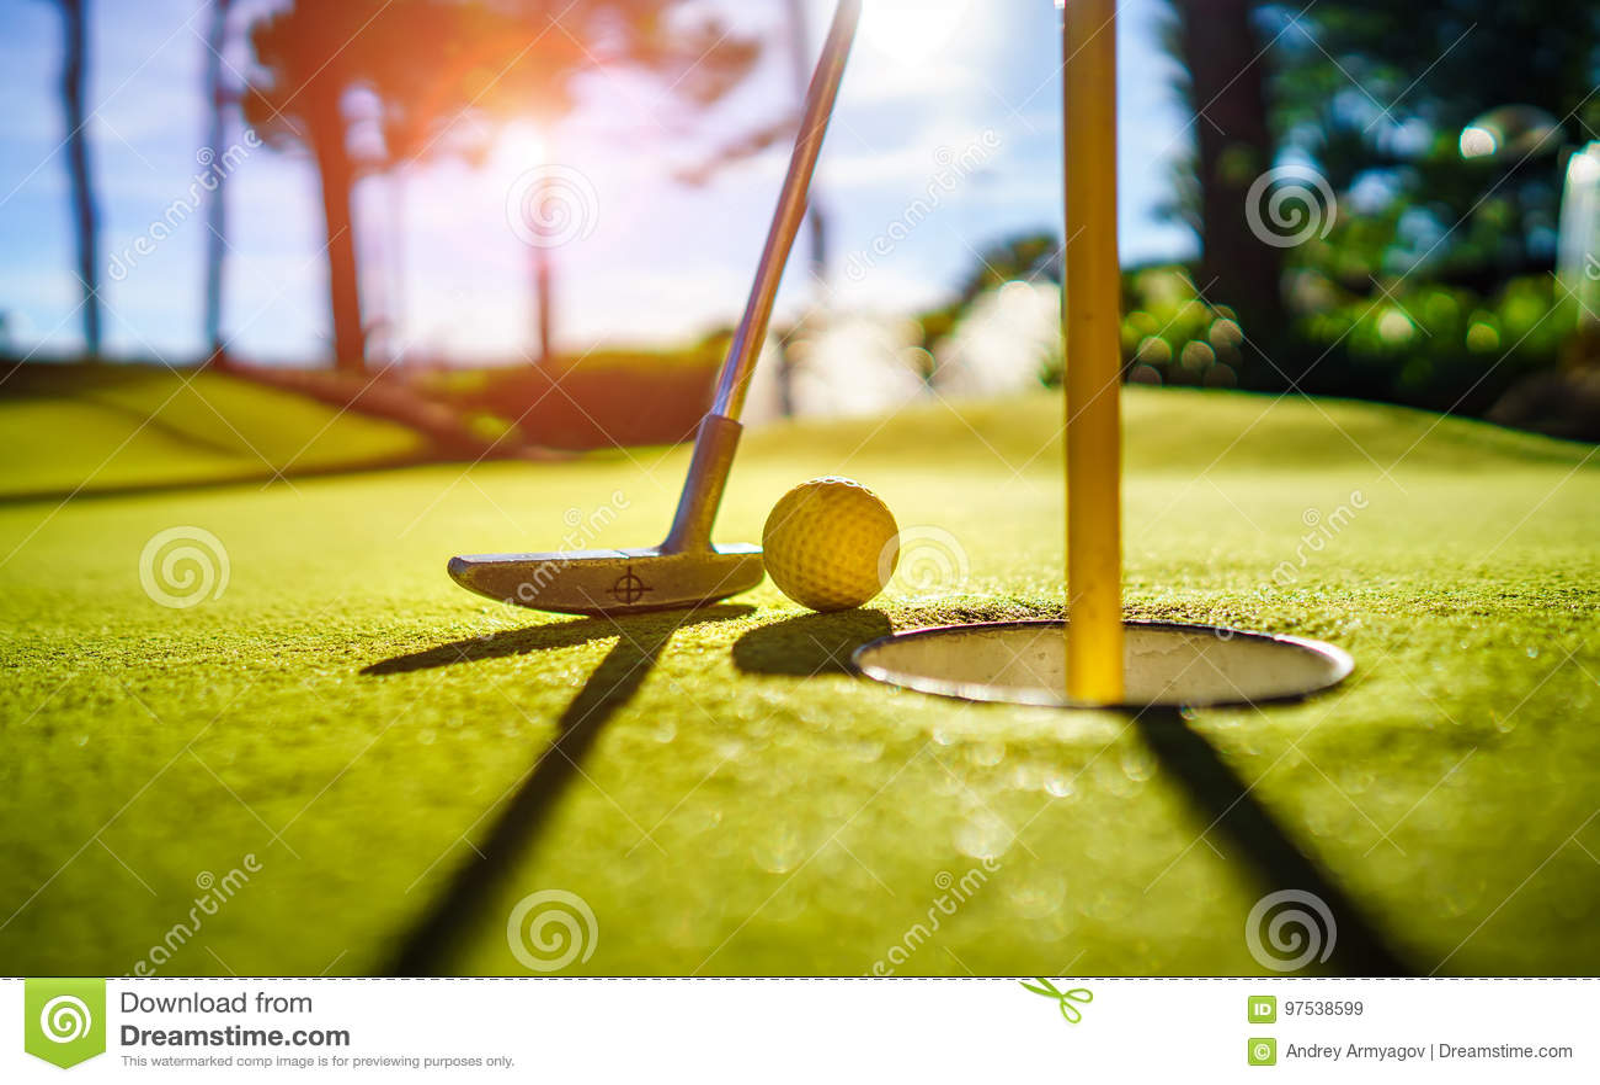 Mini Golf jaunissent la boule avec une batte près du trou au coucher du soleil